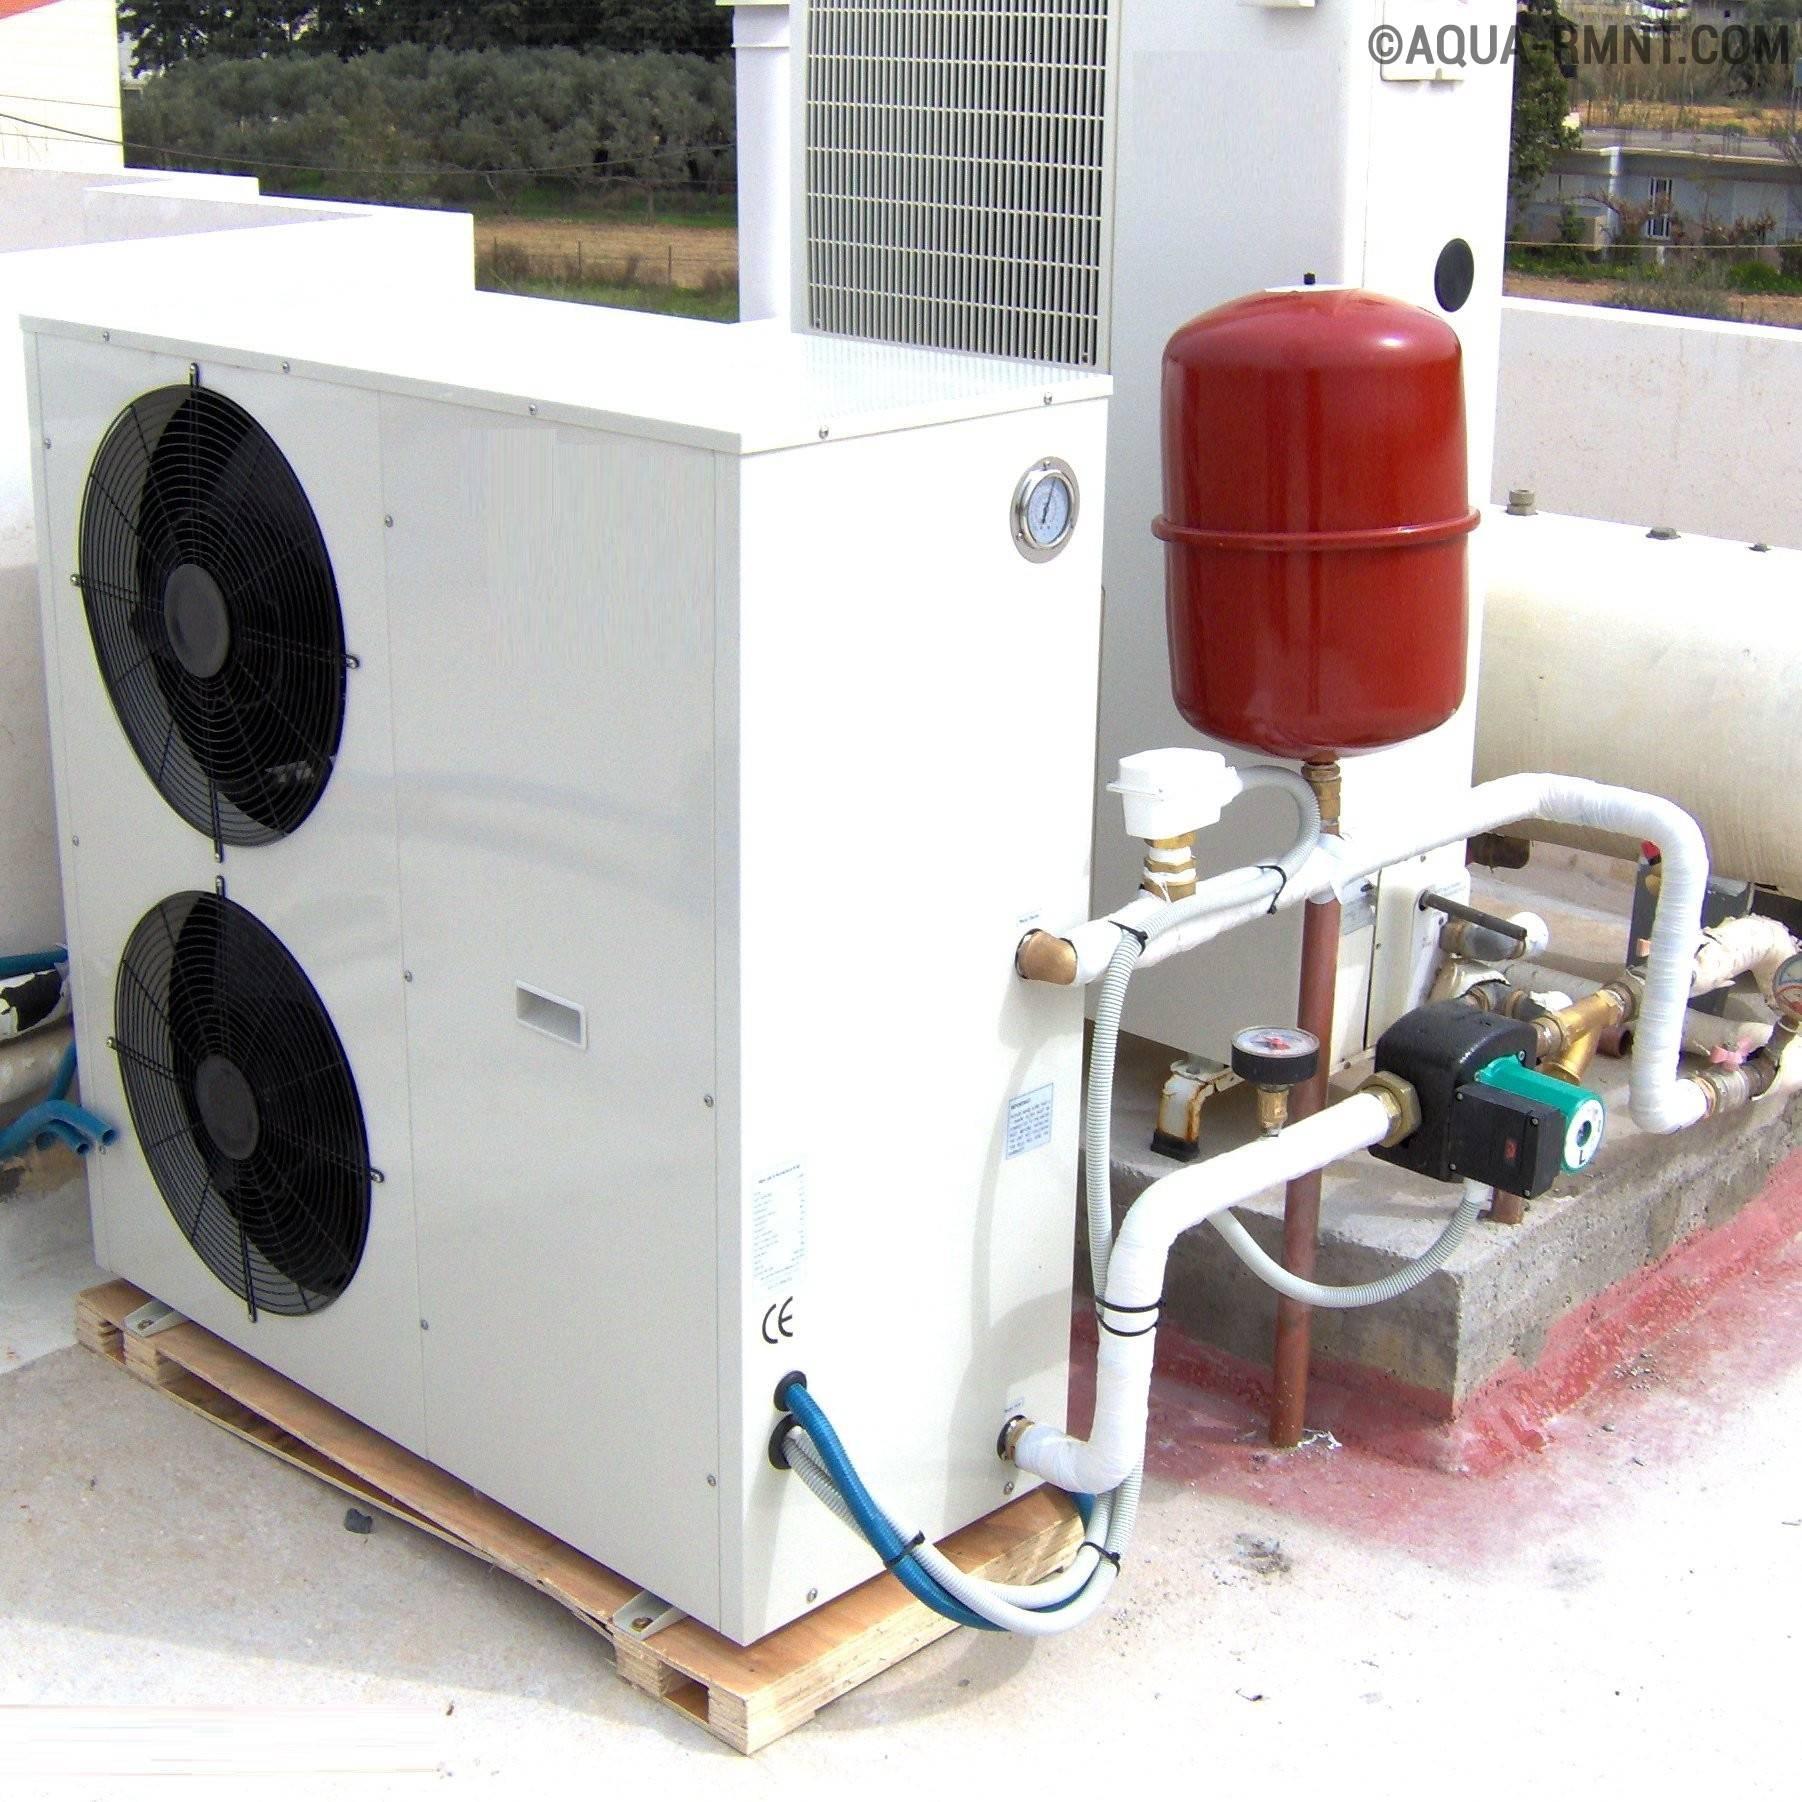 Тепловой насос типа воздух-вода: обзор технологии самостоятельного конструирования